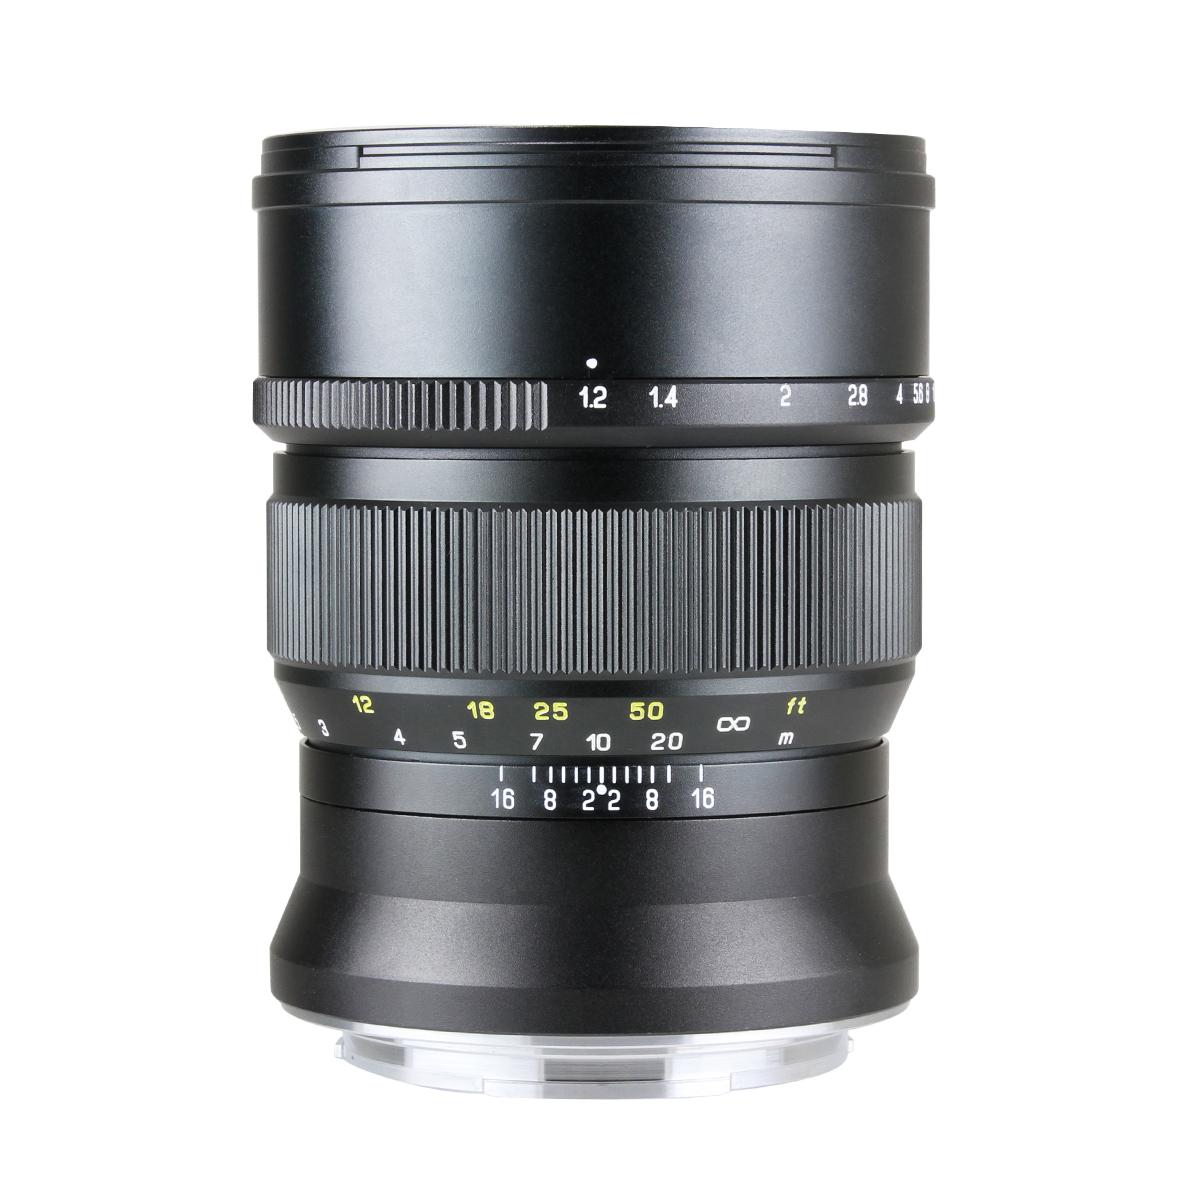 中一光学 SPEEDMASTER ZHONG YI OPTICS 富士フィルムGマウント 85mm F1.2 NEW ARRIVAL 単焦点レンズ お気に入り -